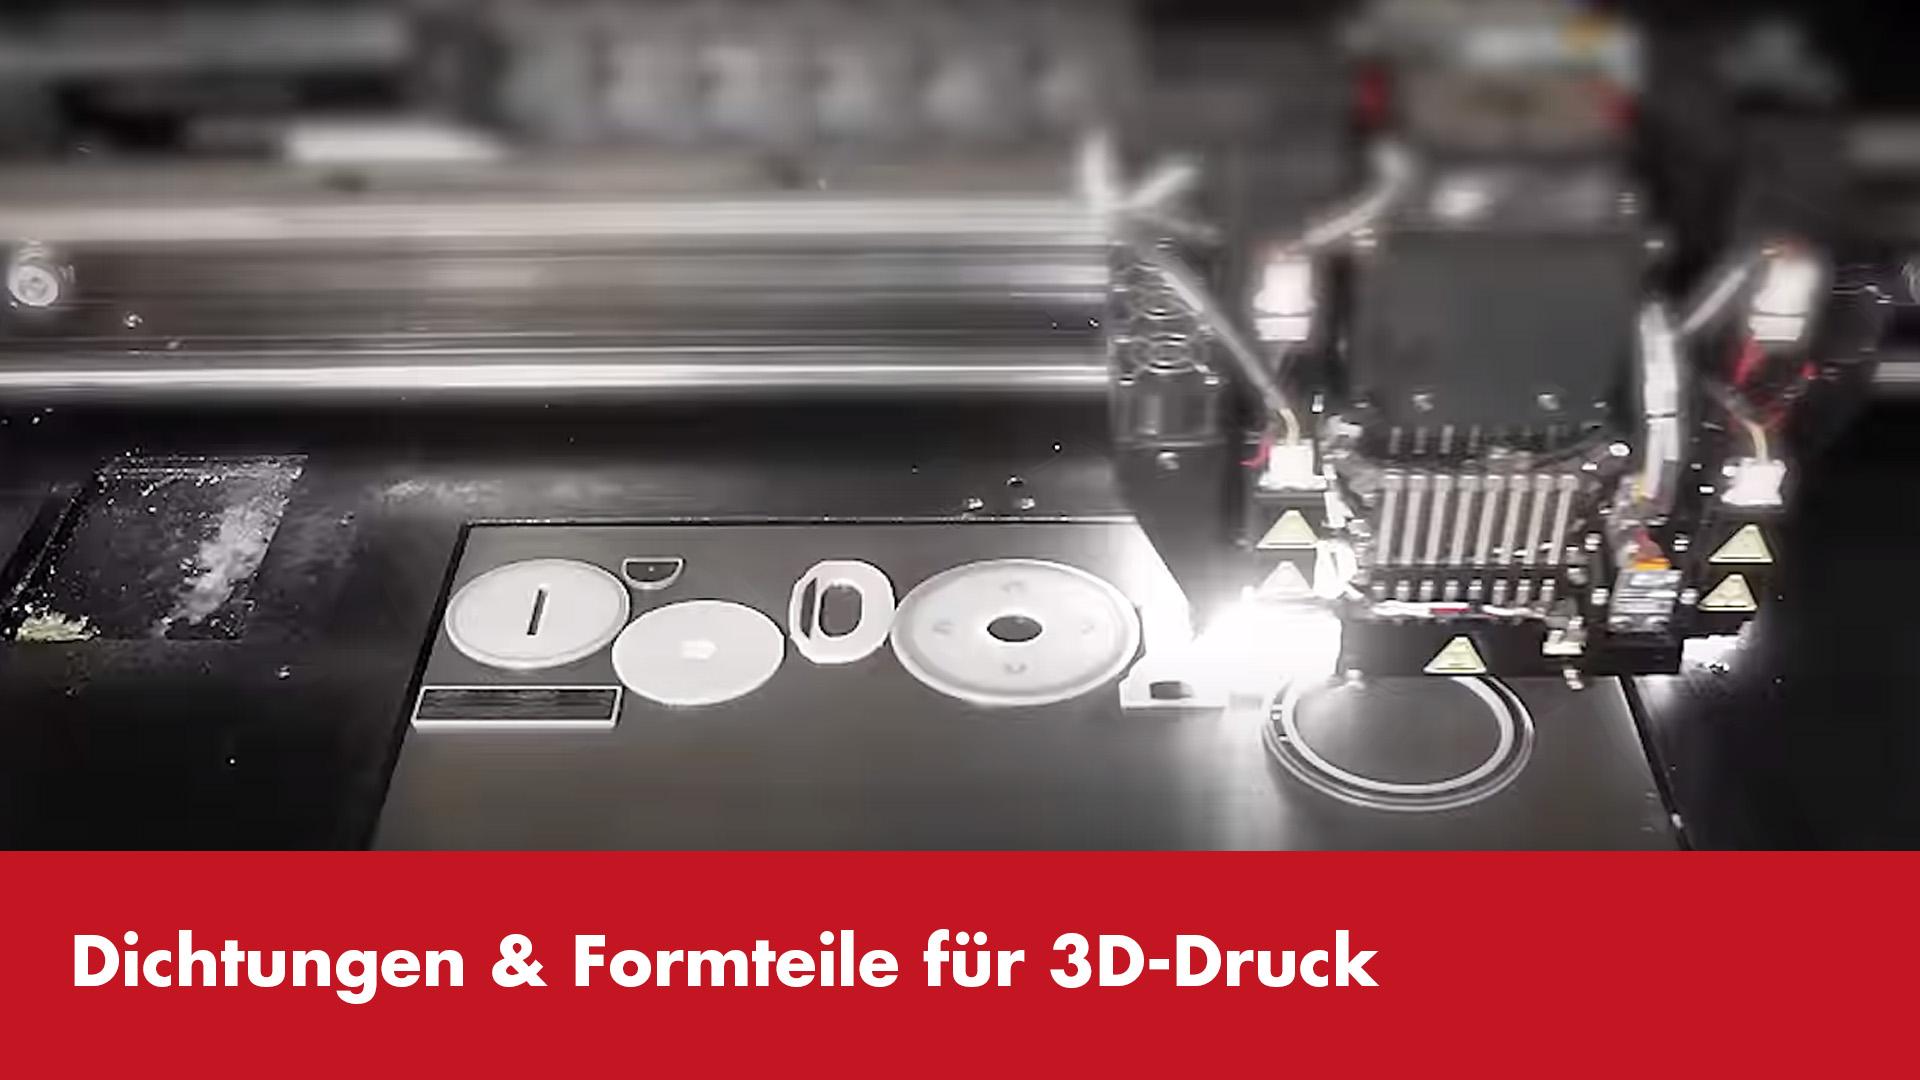 Vorschaubild Video Dichtungen und Formteile für 3D-Druck